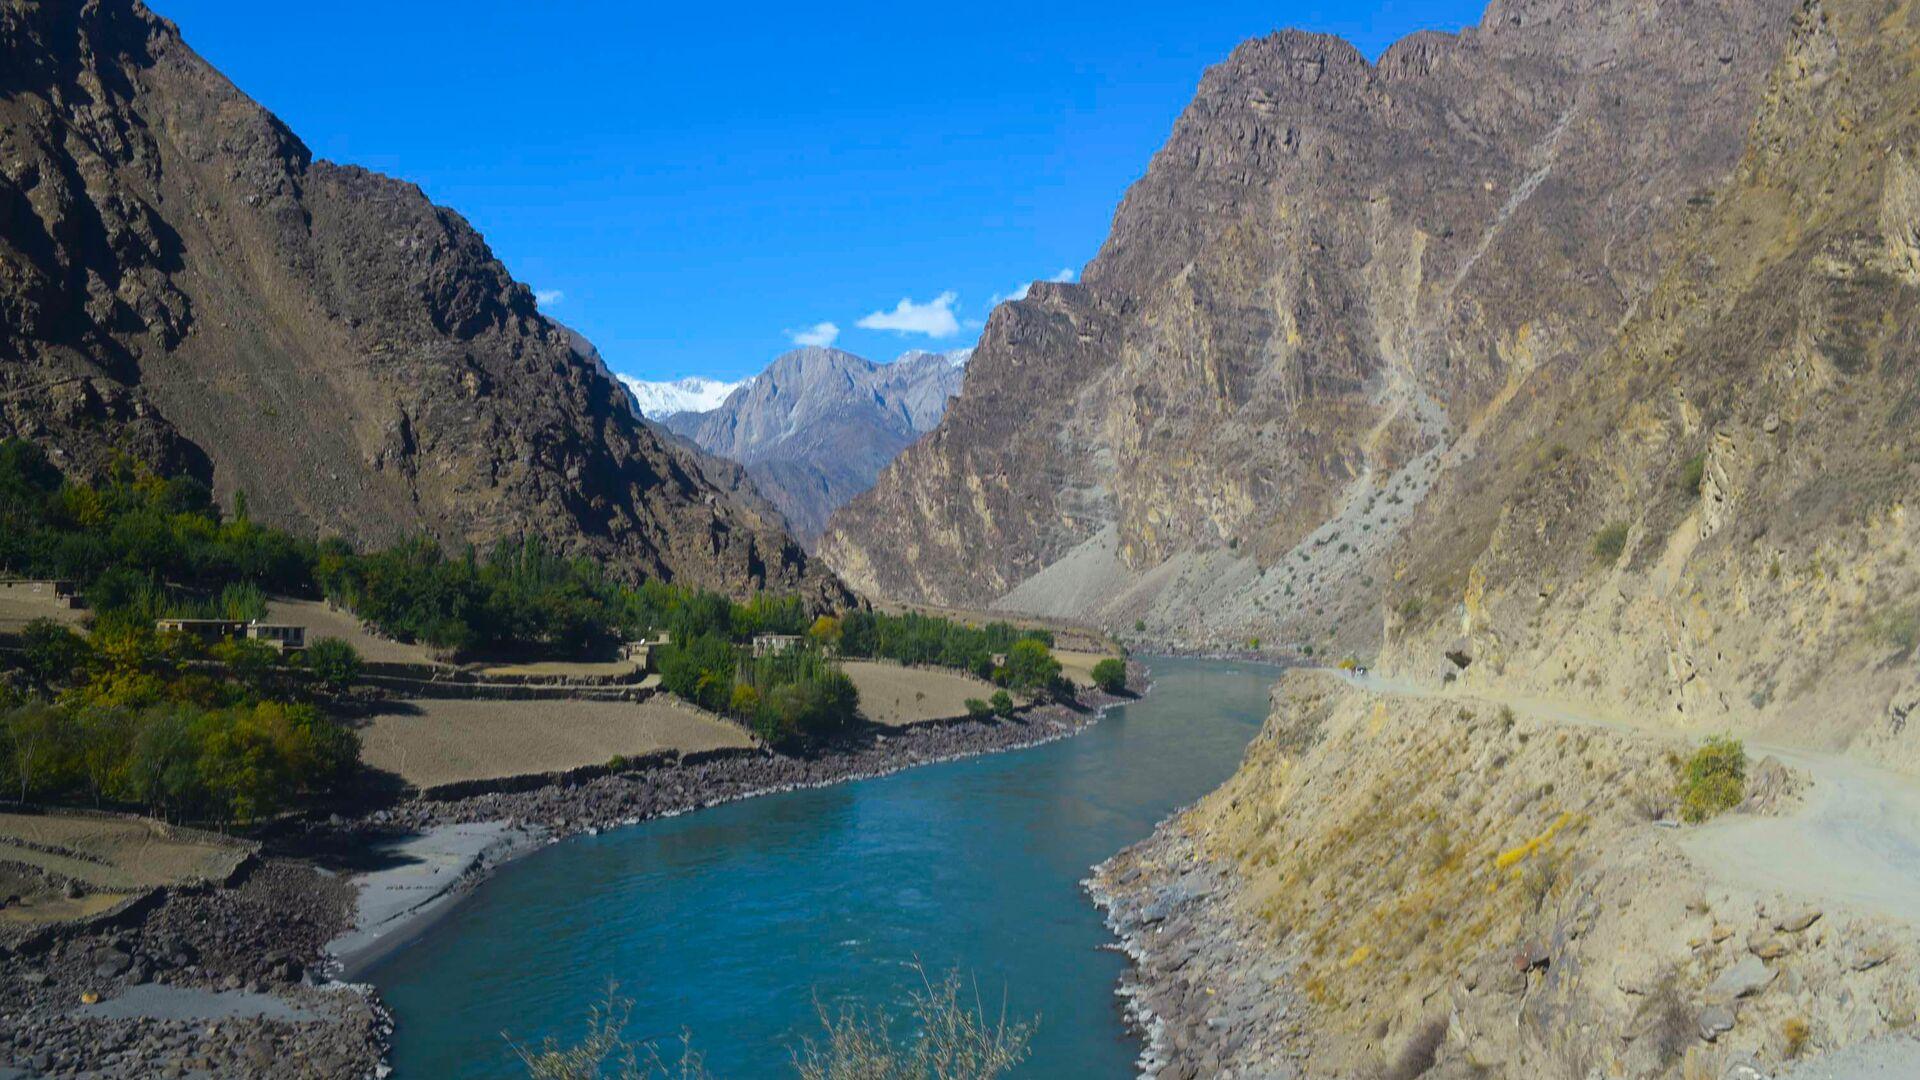 Река вдоль границы с Афганистаном, архивное фото - Sputnik Тоҷикистон, 1920, 14.09.2021